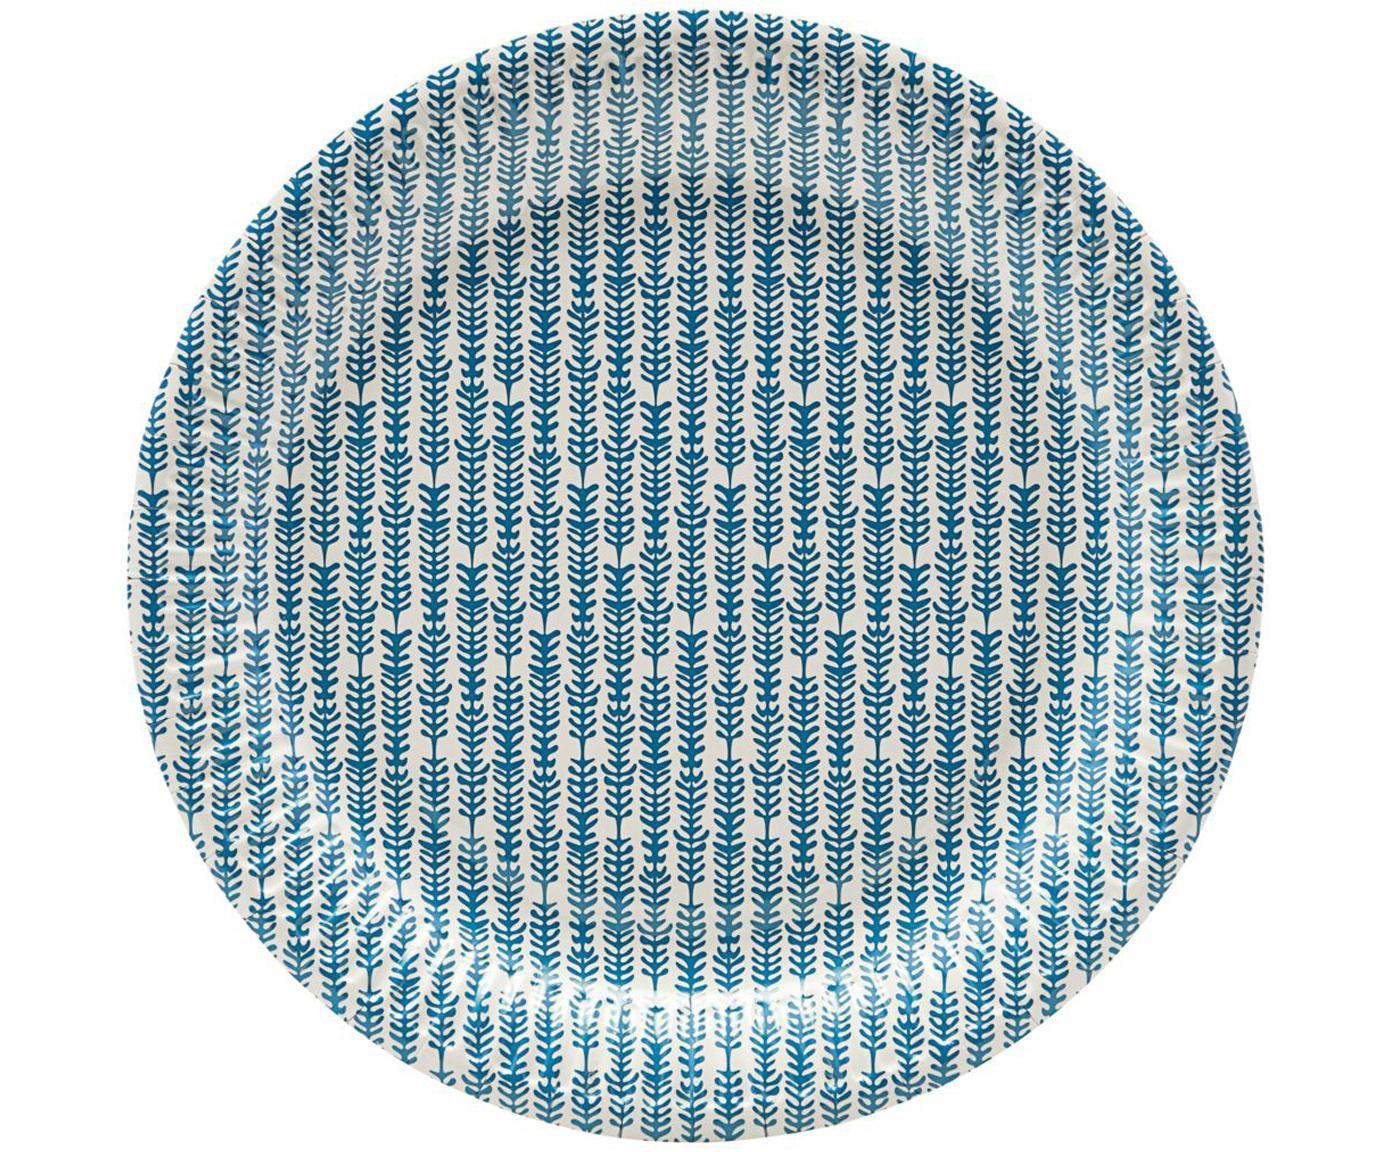 Talerz z papieru Branch, 12 szt., Papier, Niebieski, biały, Ø 23 x W 1 cm